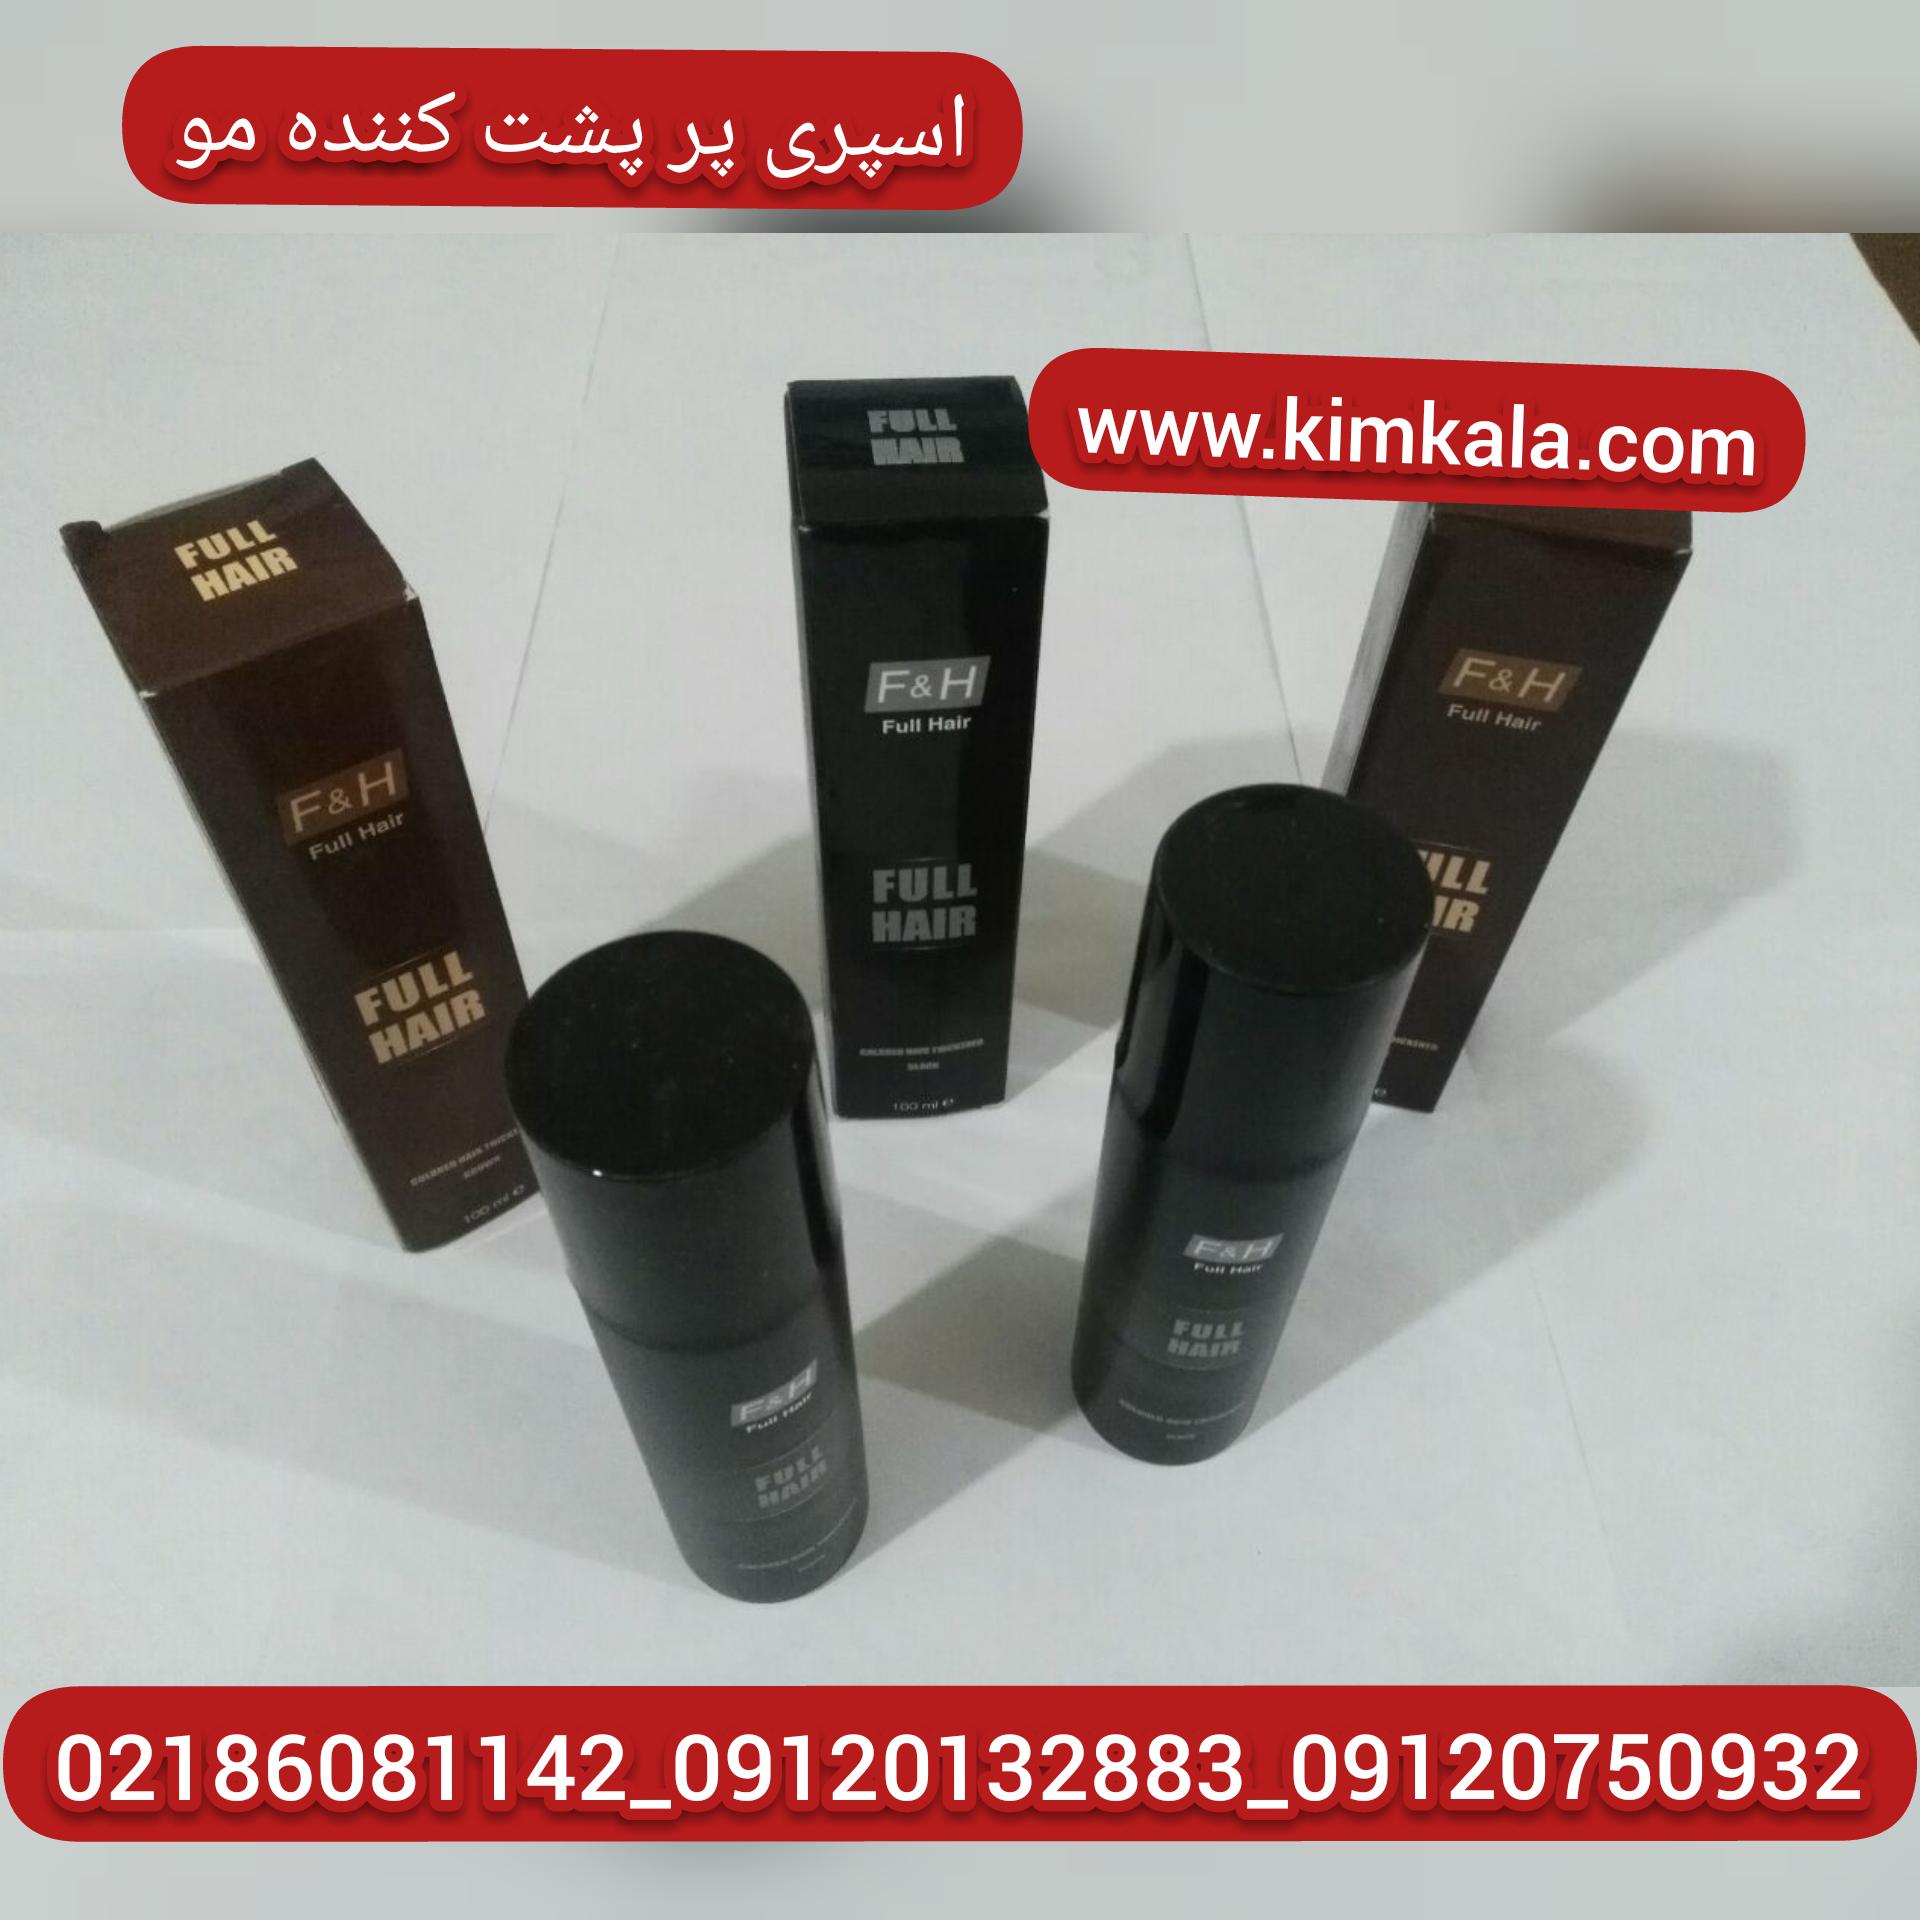 اسپری پرپشتی موی سر۰۹۱۲۰۱۳۲۸۸۳/قیمت اسپری پرپشت کننده مو/درمان کم پشتی مو